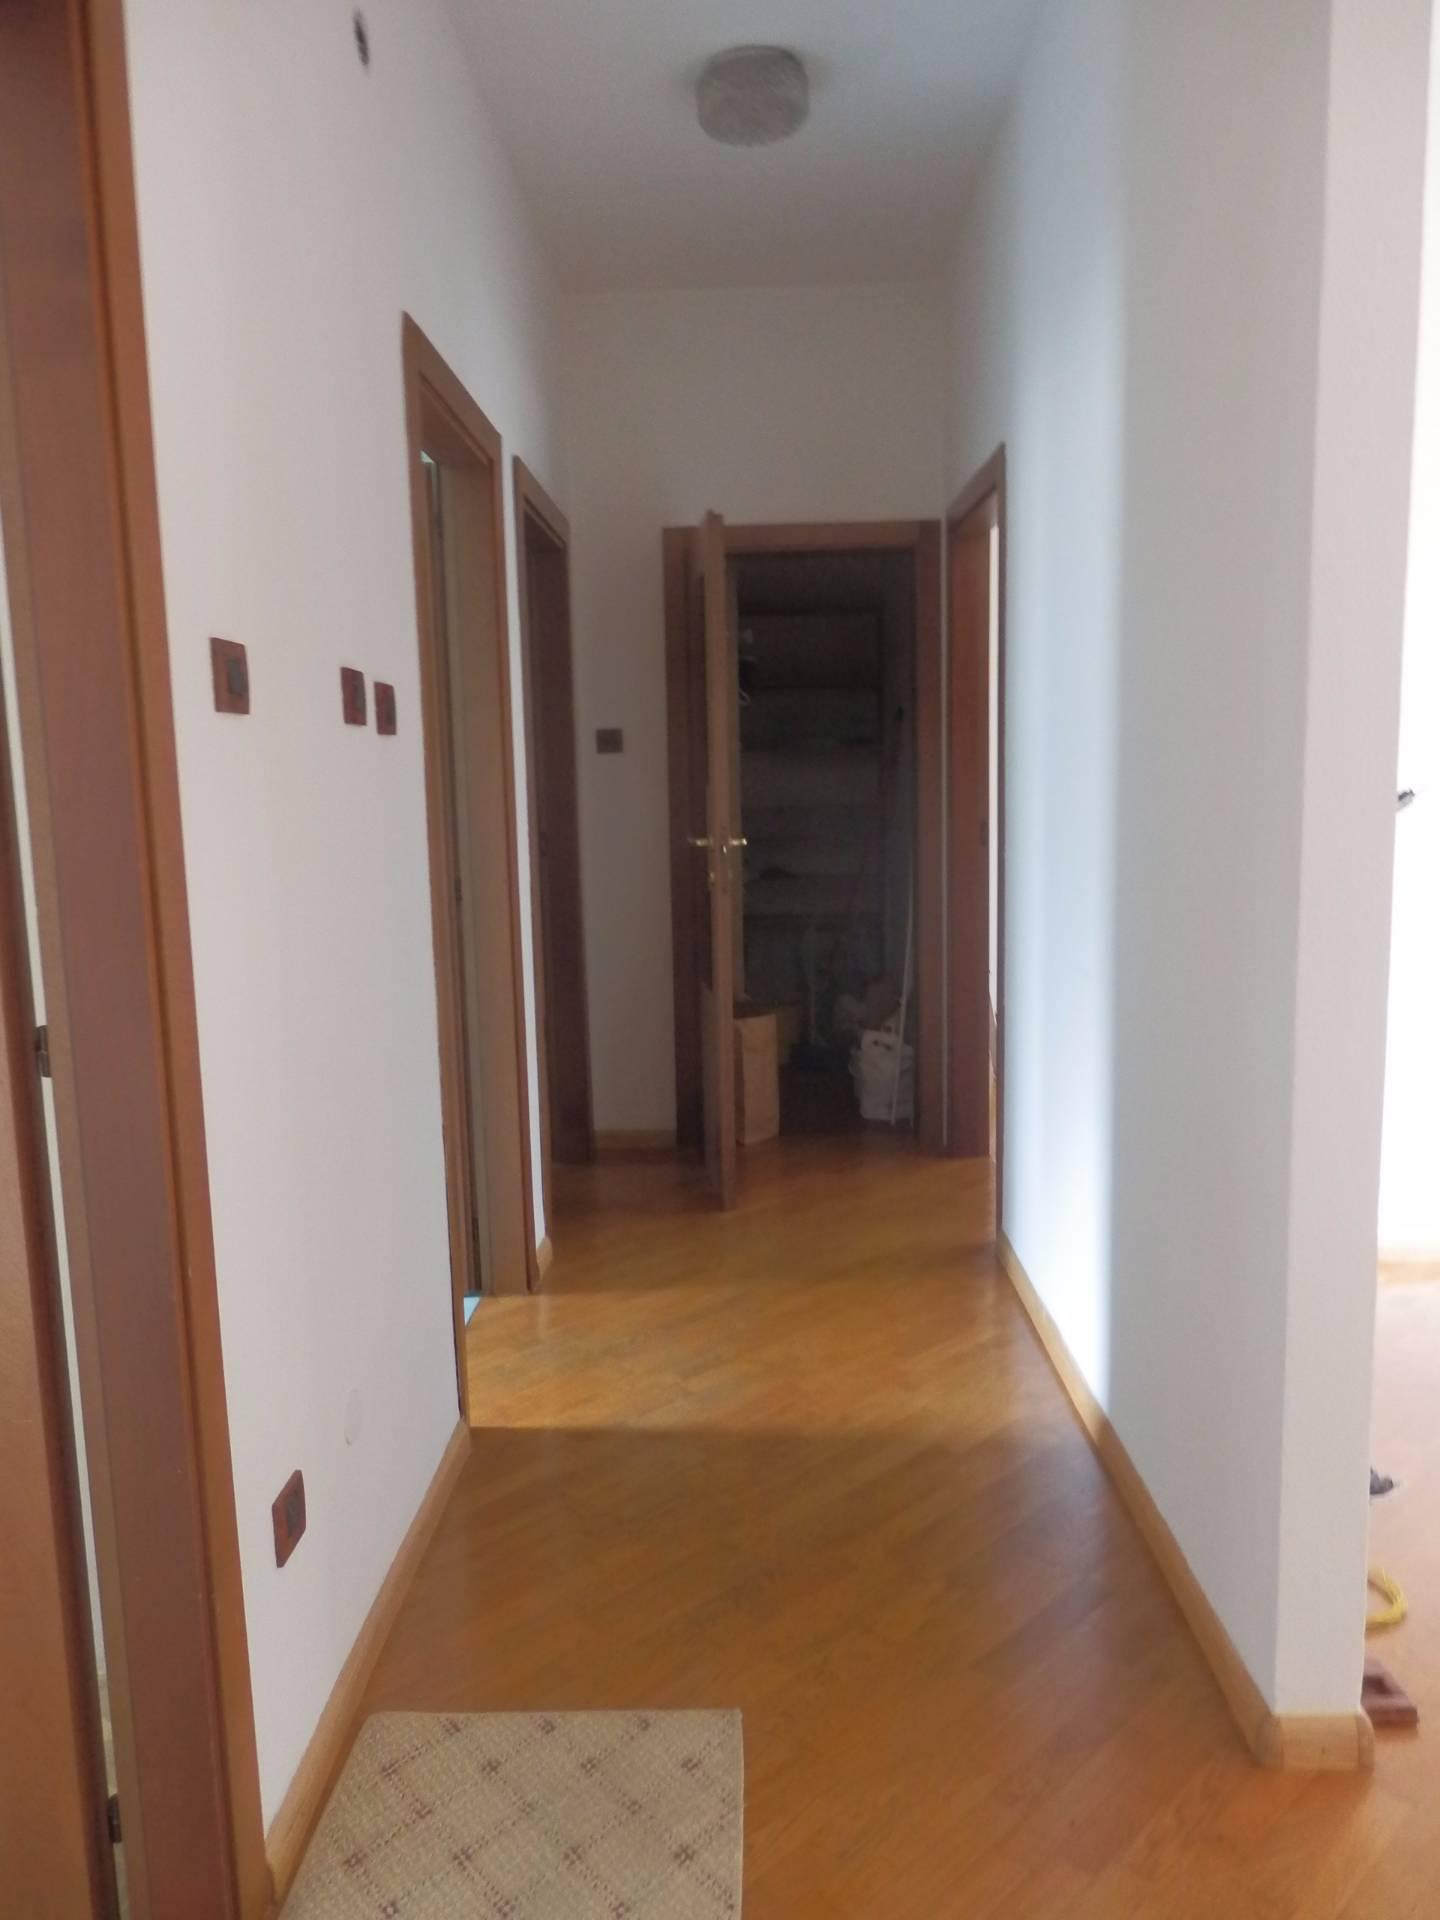 Appartamento in affitto a Bolzano, 4 locali, zona Zona: Residenziale, prezzo € 1.000 | CambioCasa.it